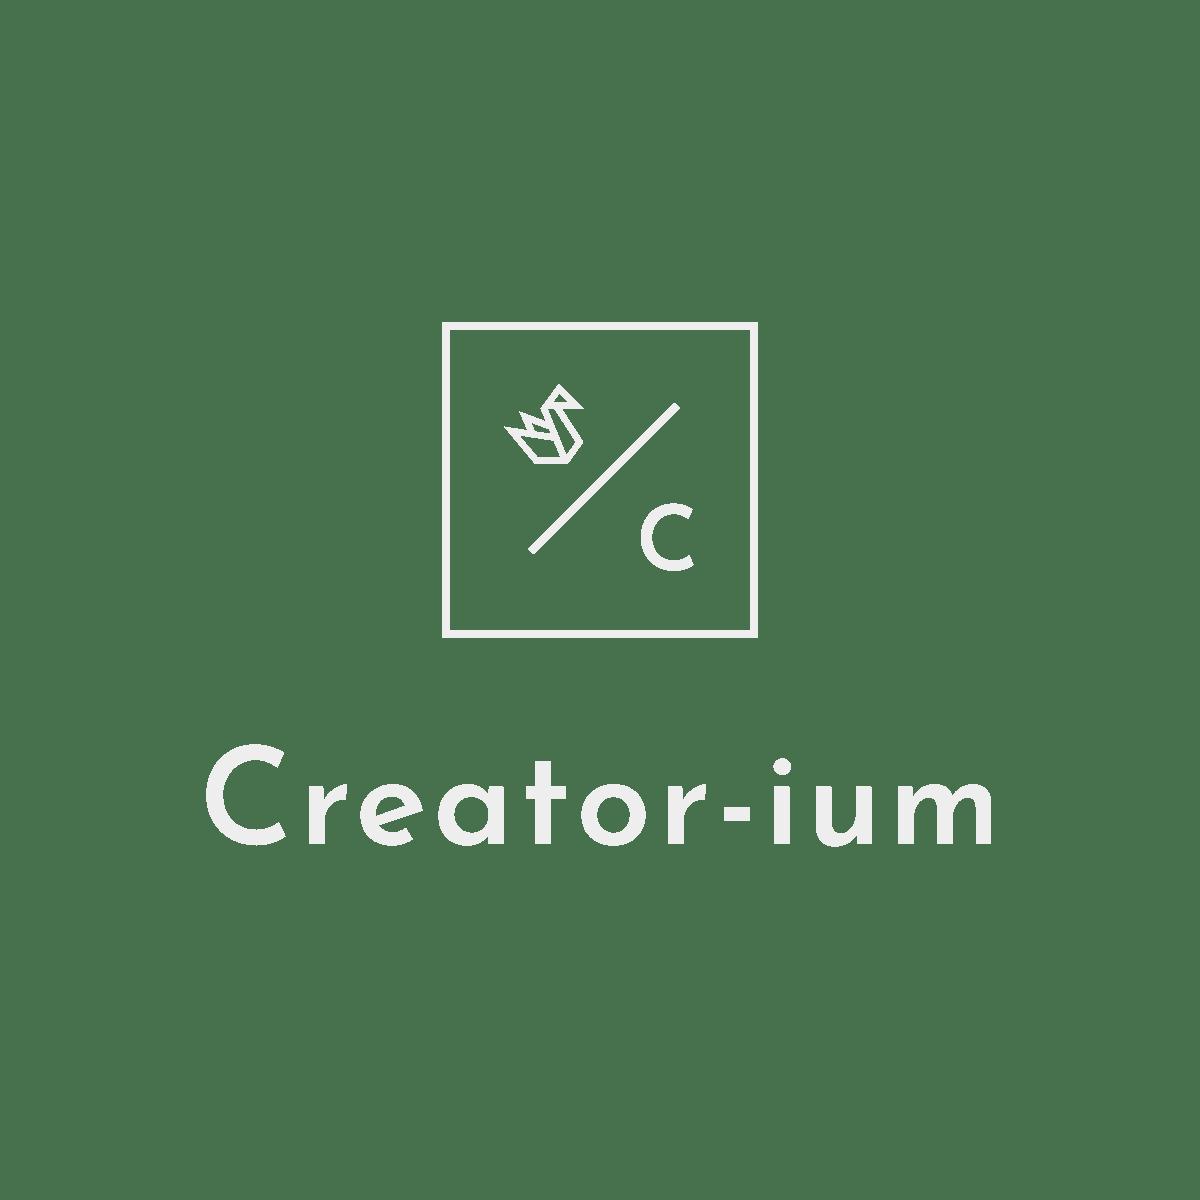 creator-ium